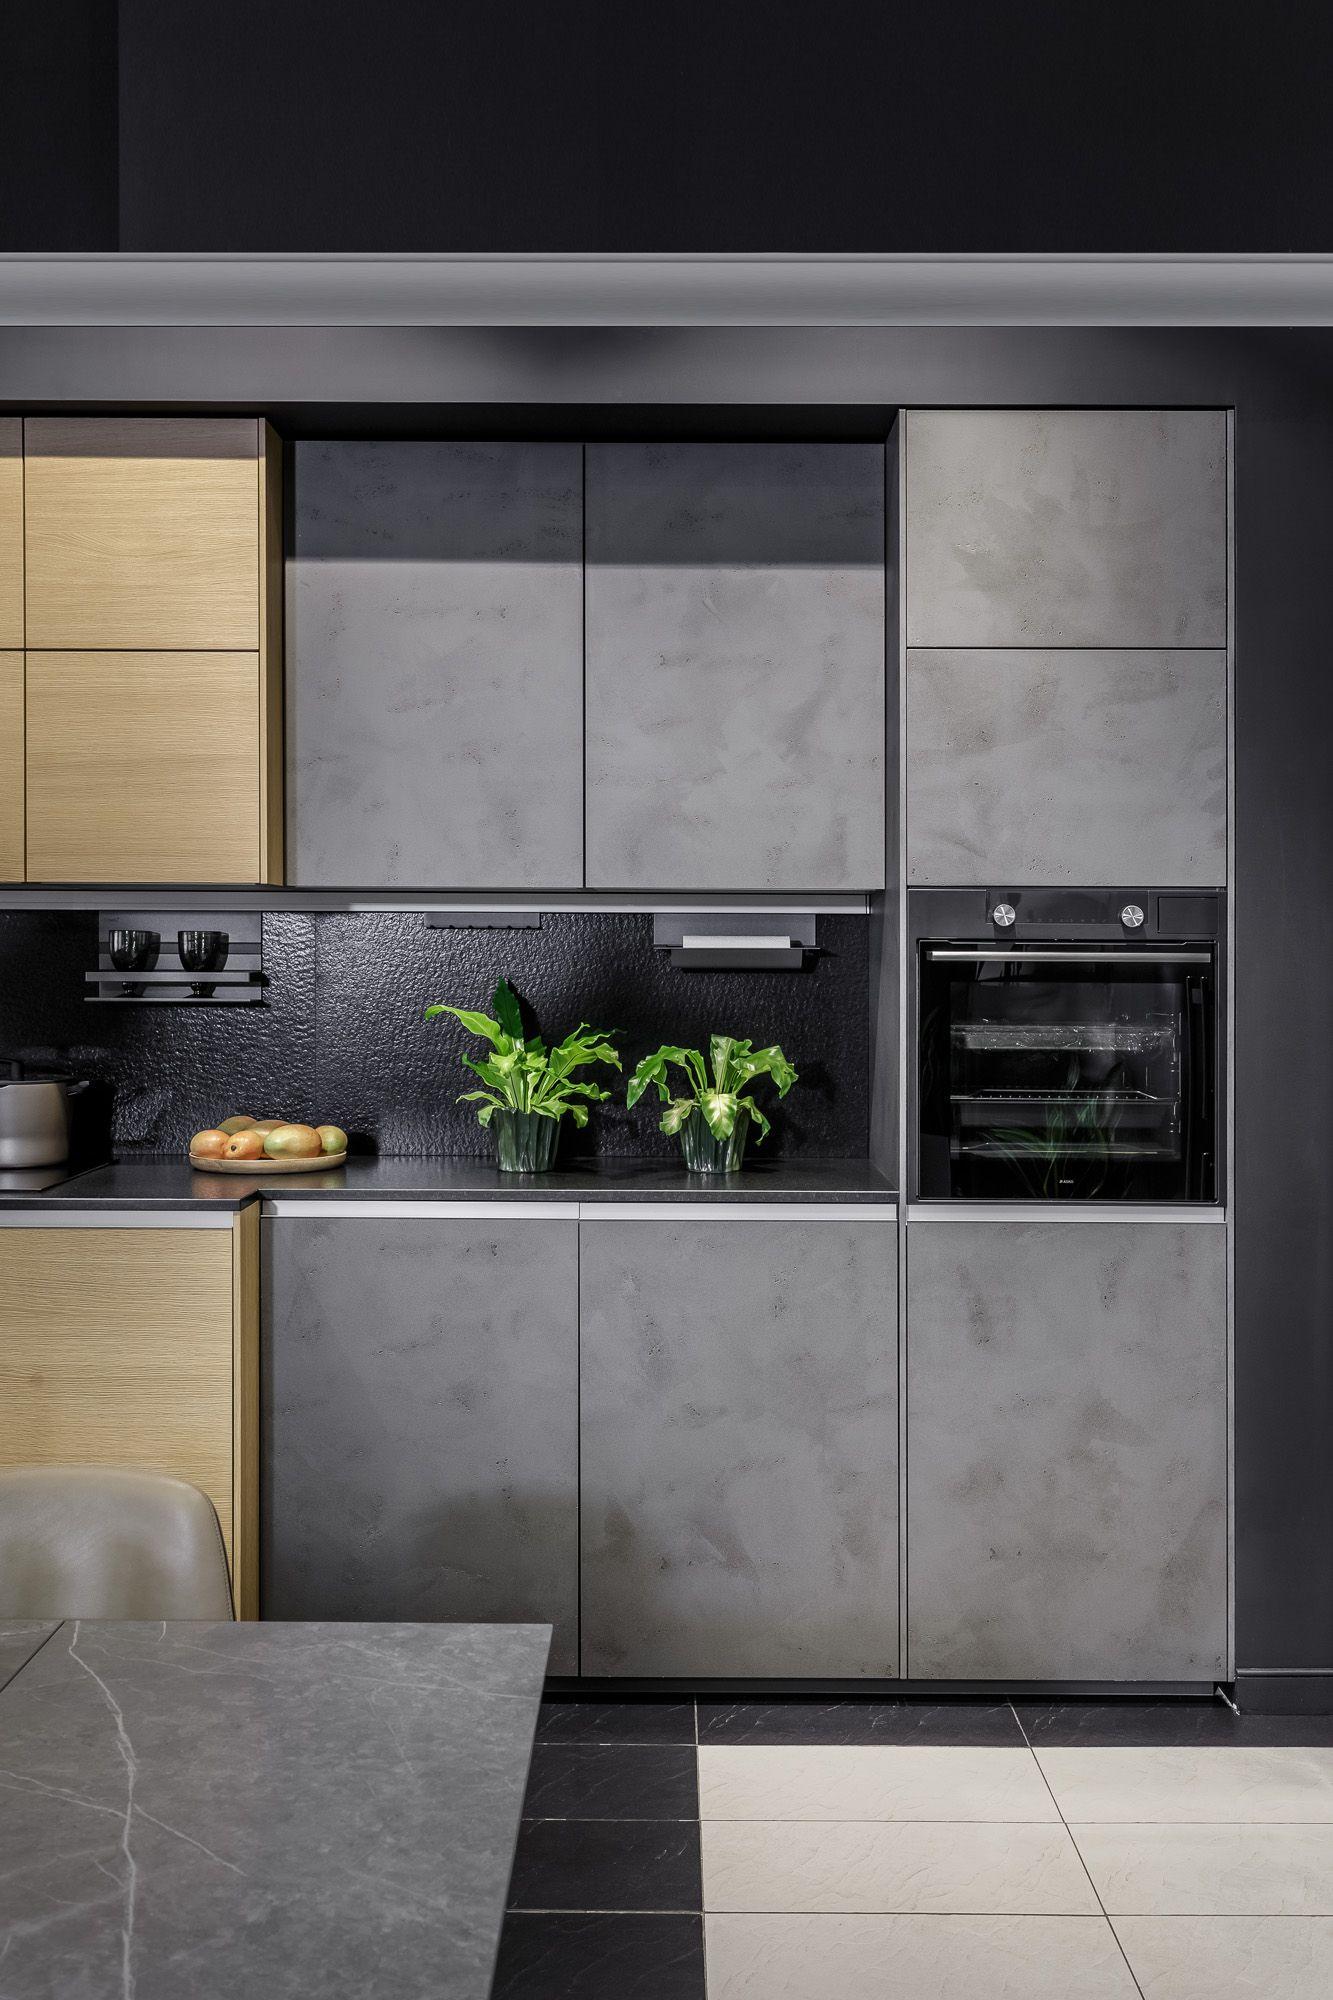 Кухня Nolte Portland | Nature. Фасады изготовлены из бетона и шпона дуба | Kitchen  Nolte